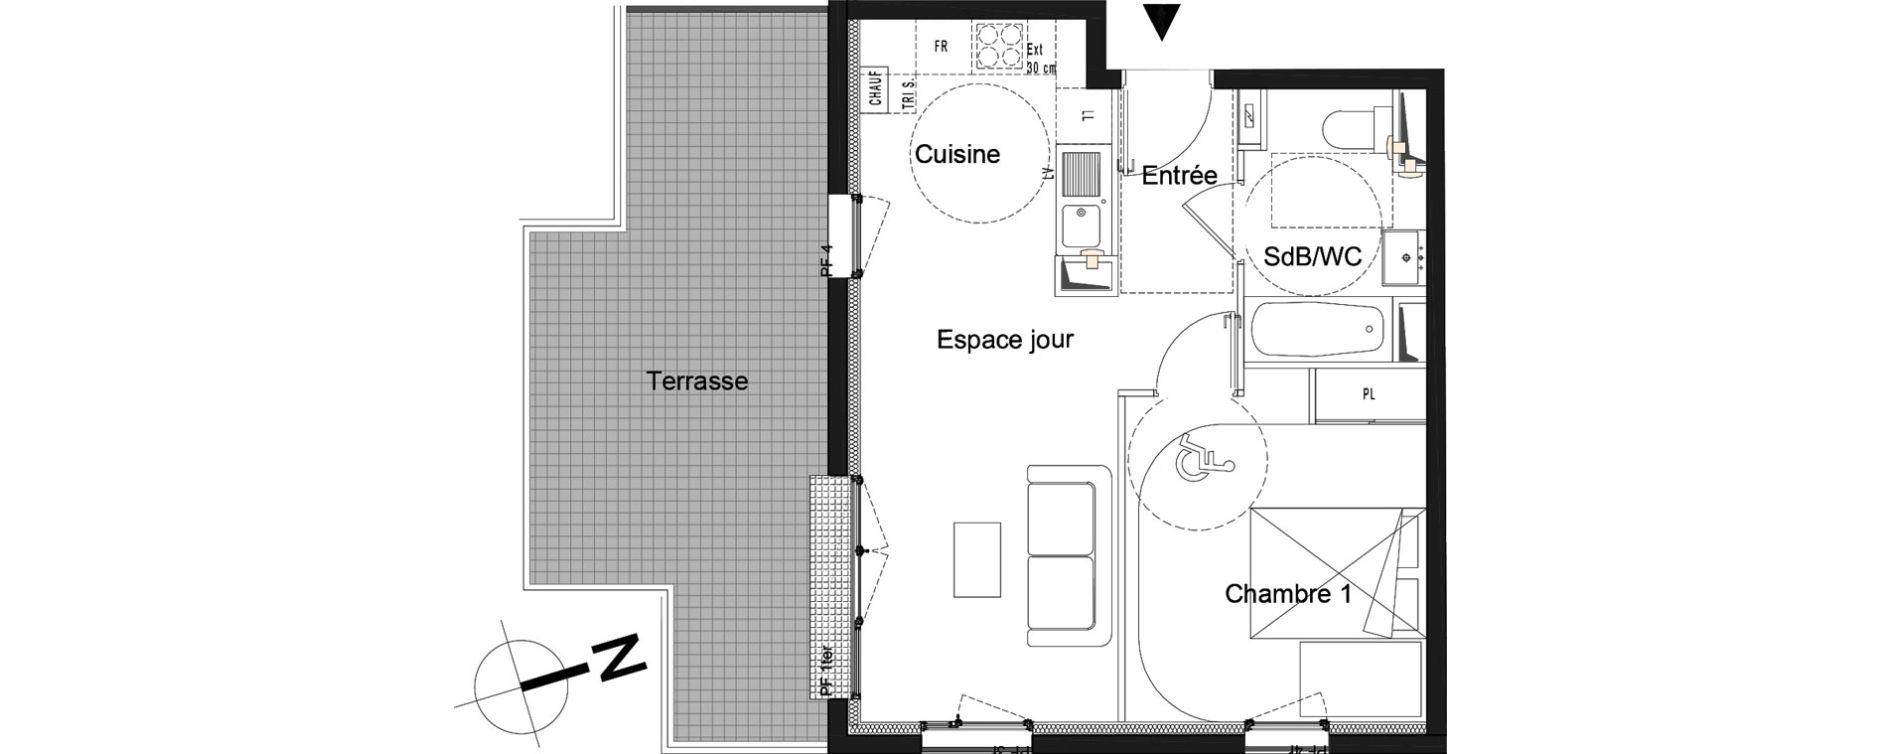 Appartement T2 de 41,20 m2 à Moissy-Cramayel L arboretum de chanteloup